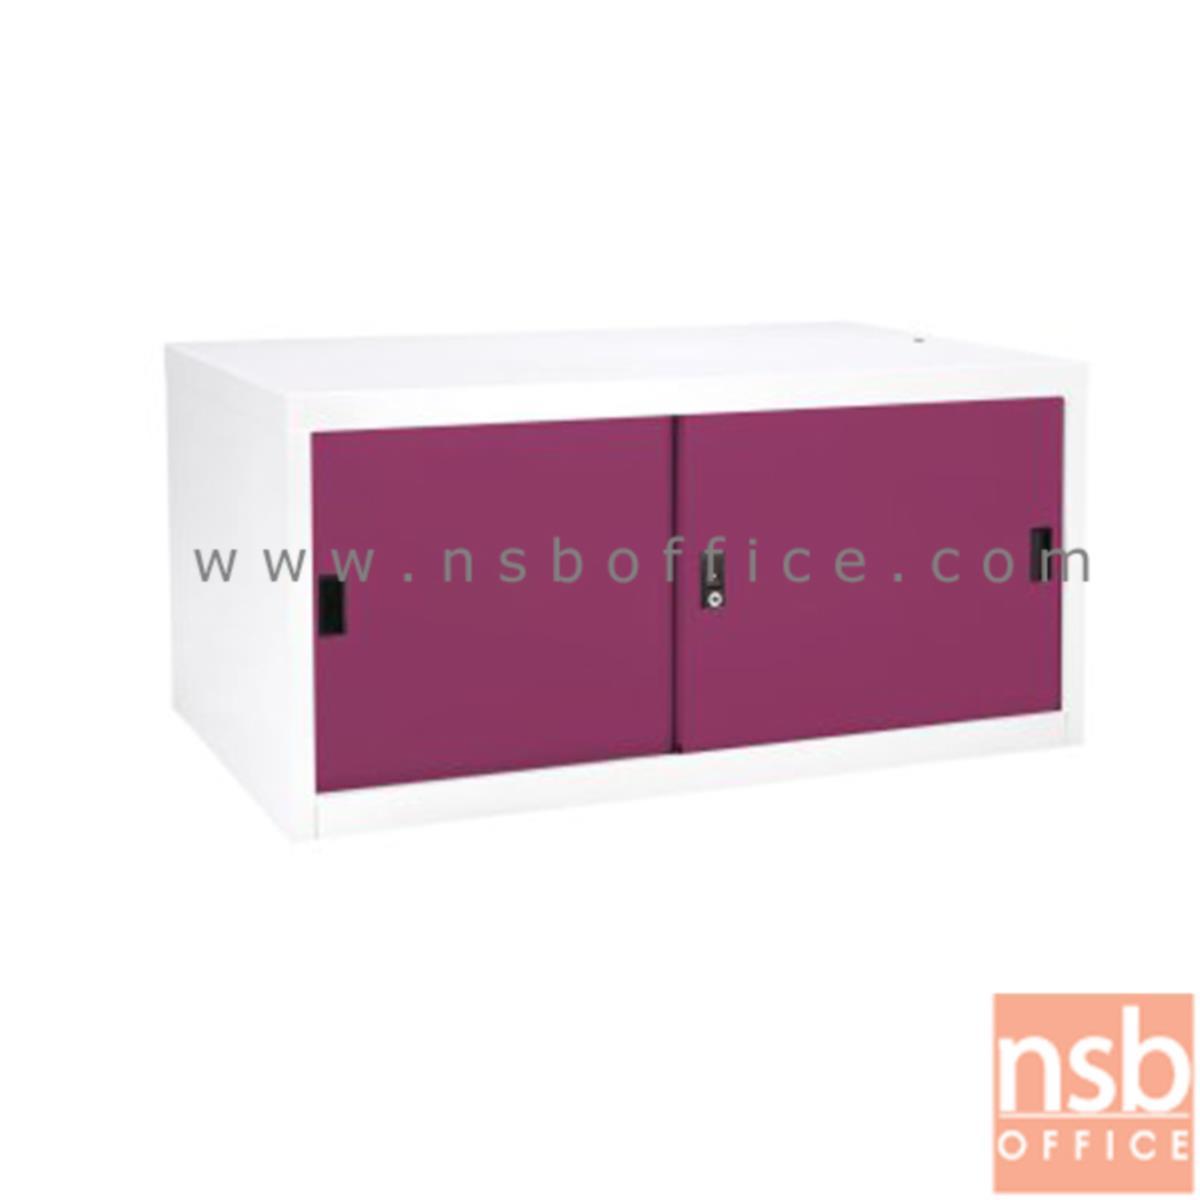 E23A012:ตู้เสริมบนตู้เสื้อผ้าเหล็ก บานเลื่อนทึบ (สูงรวม 226 cm.) รุ่น SDC-04